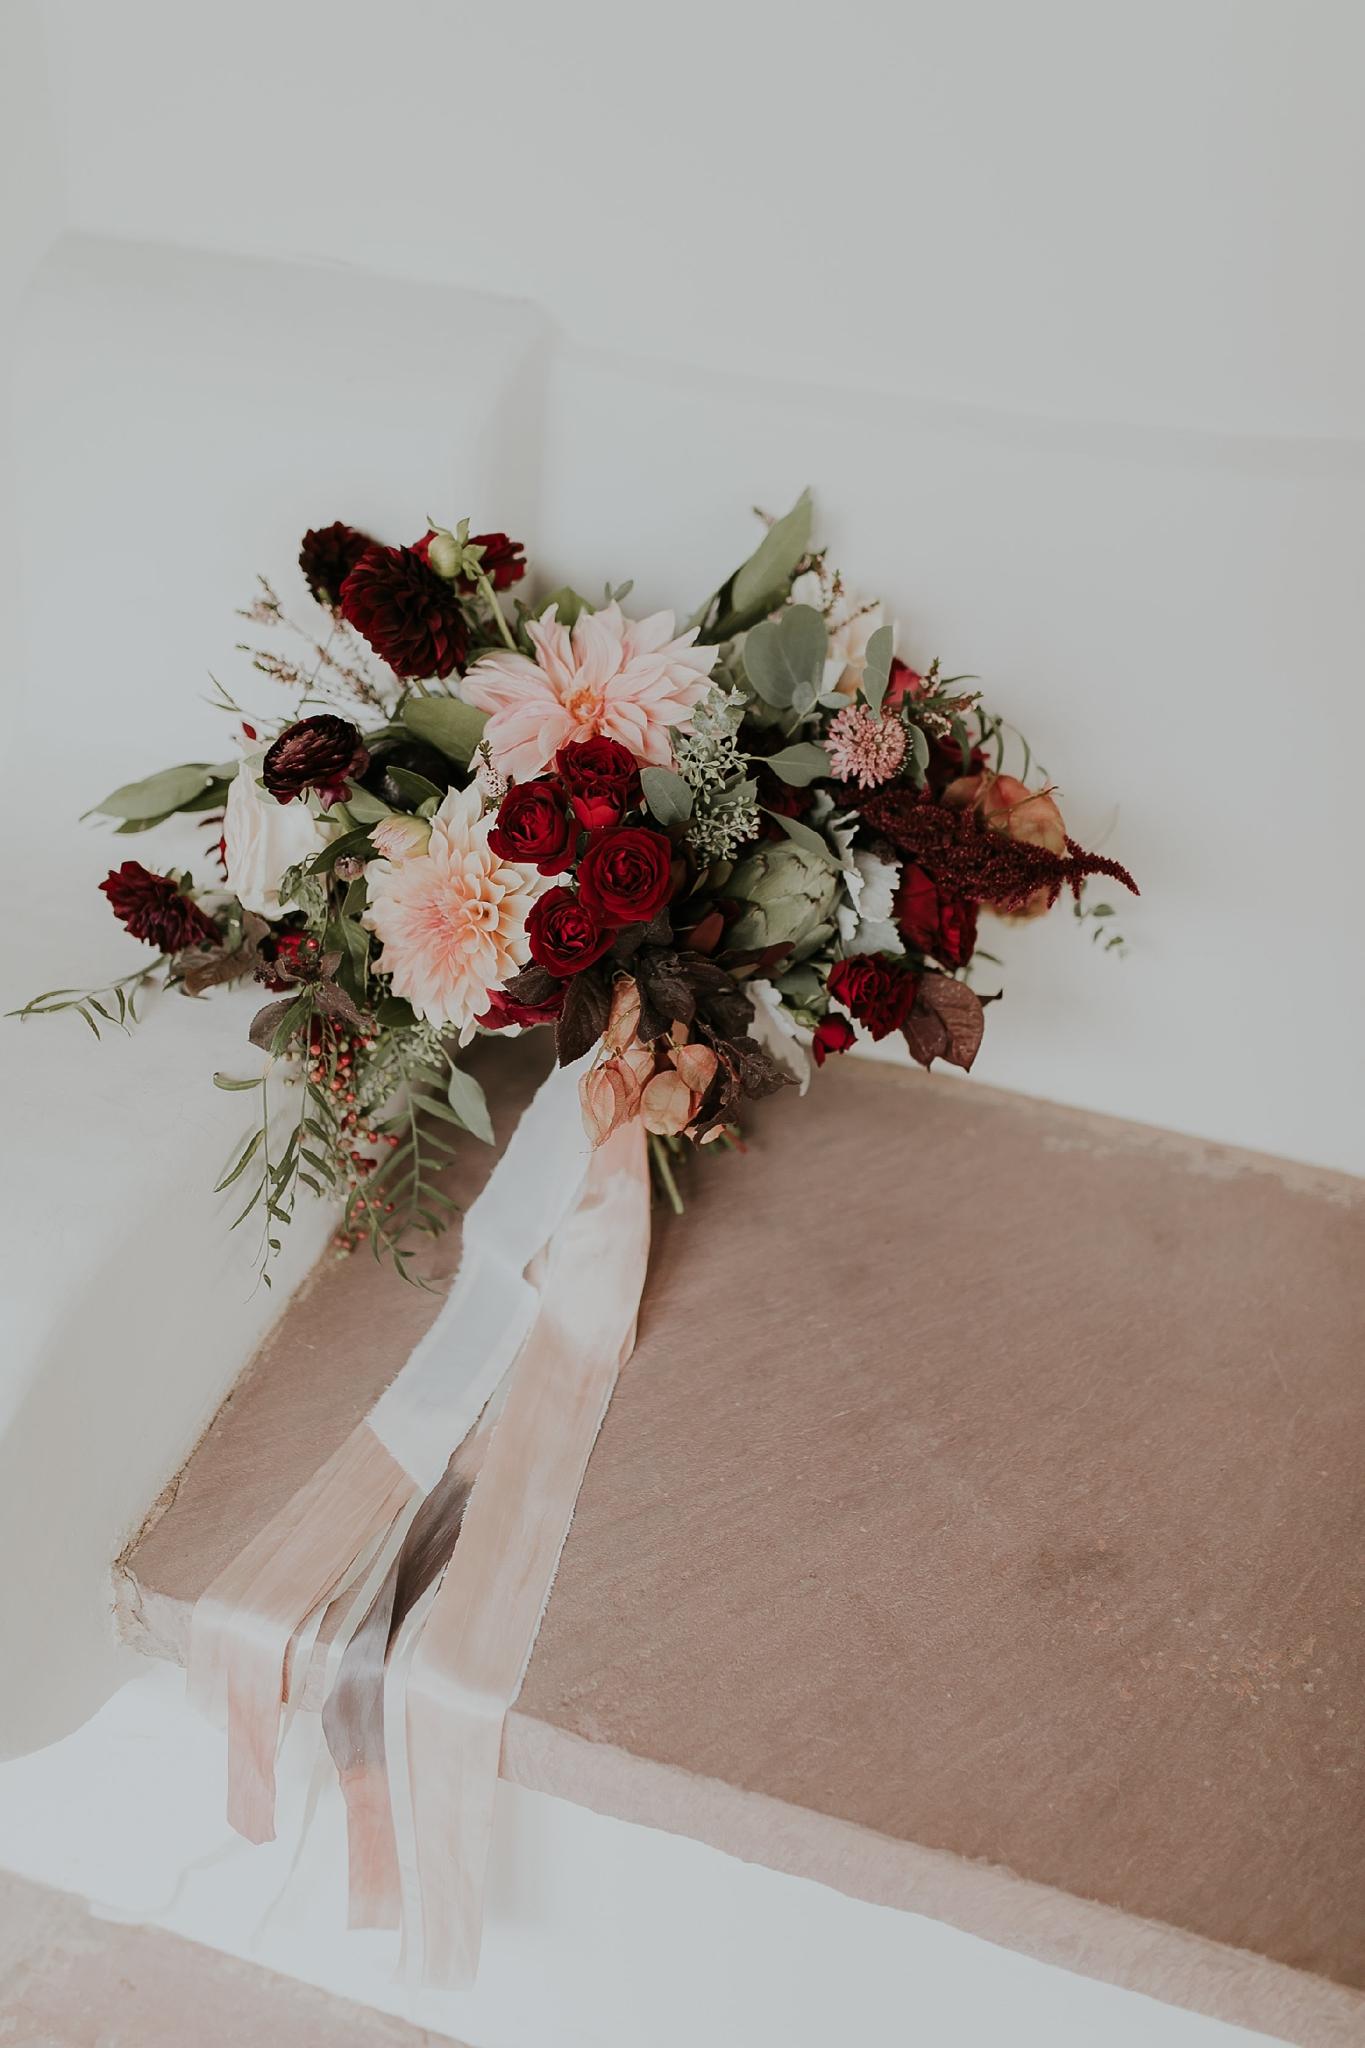 Alicia+lucia+photography+-+albuquerque+wedding+photographer+-+santa+fe+wedding+photography+-+new+mexico+wedding+photographer+-+new+mexico+wedding+-+new+mexico+florist+-+floriography+flowers+-+floriography+flowers+new+mexico+-+wedding+florist_0078.jpg